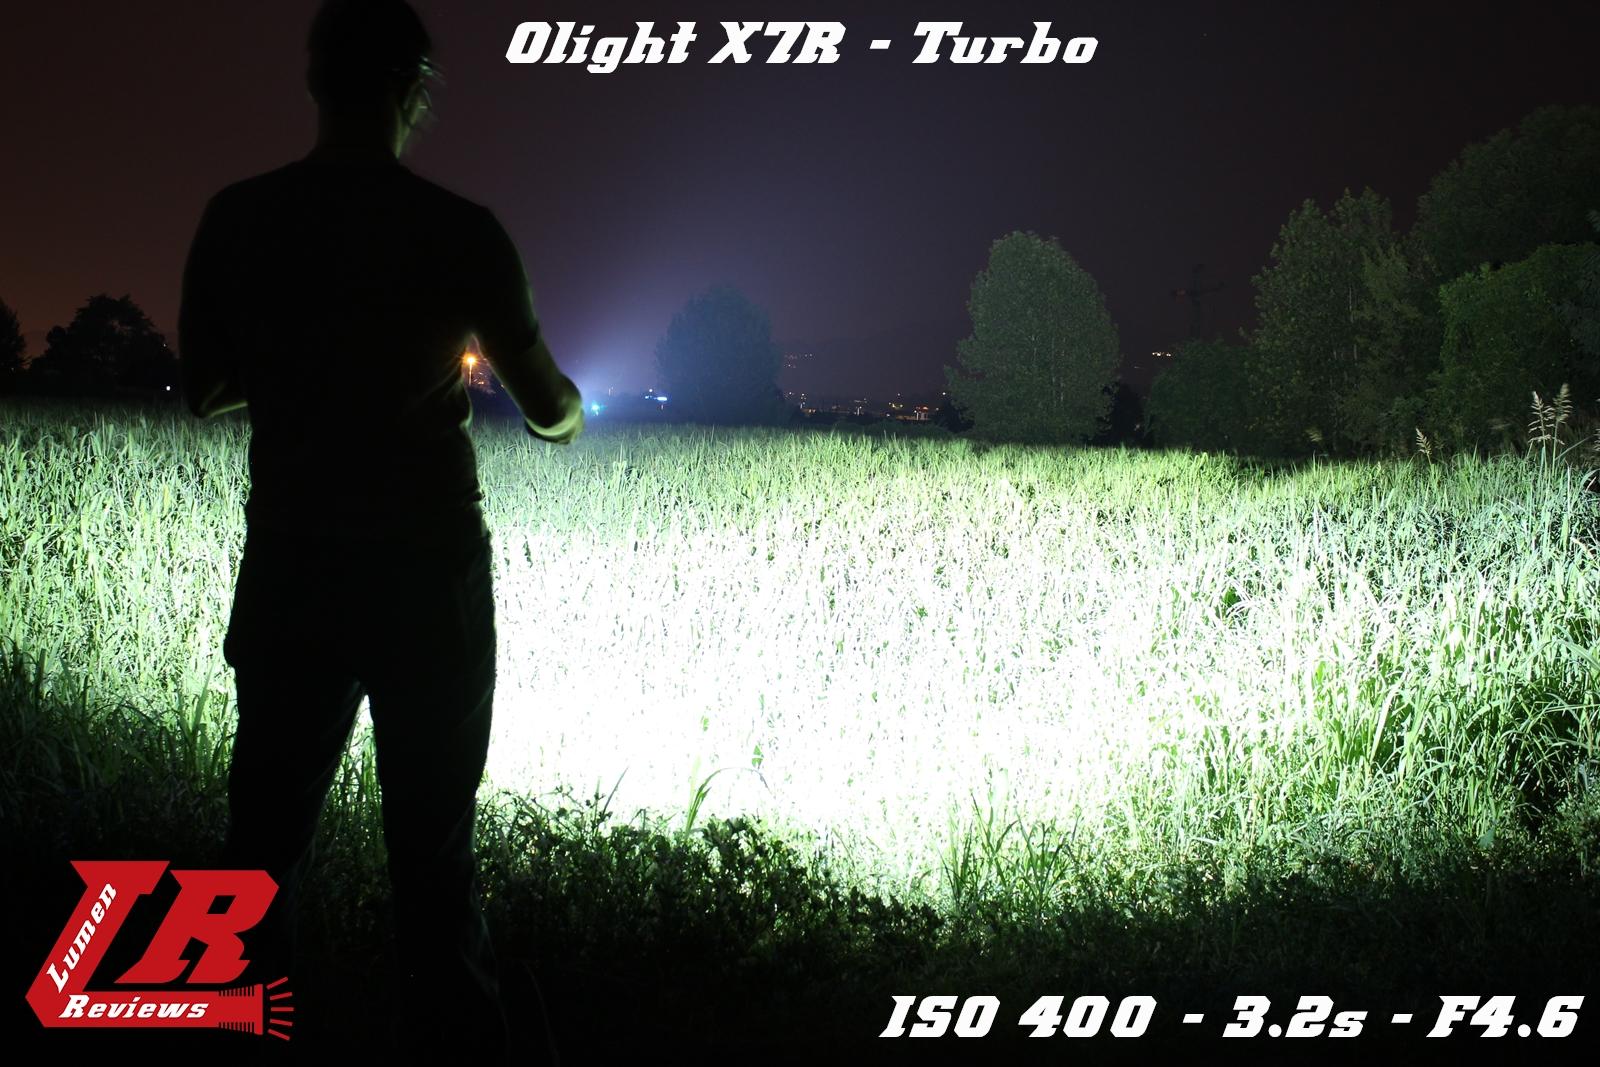 Olight X7R 27